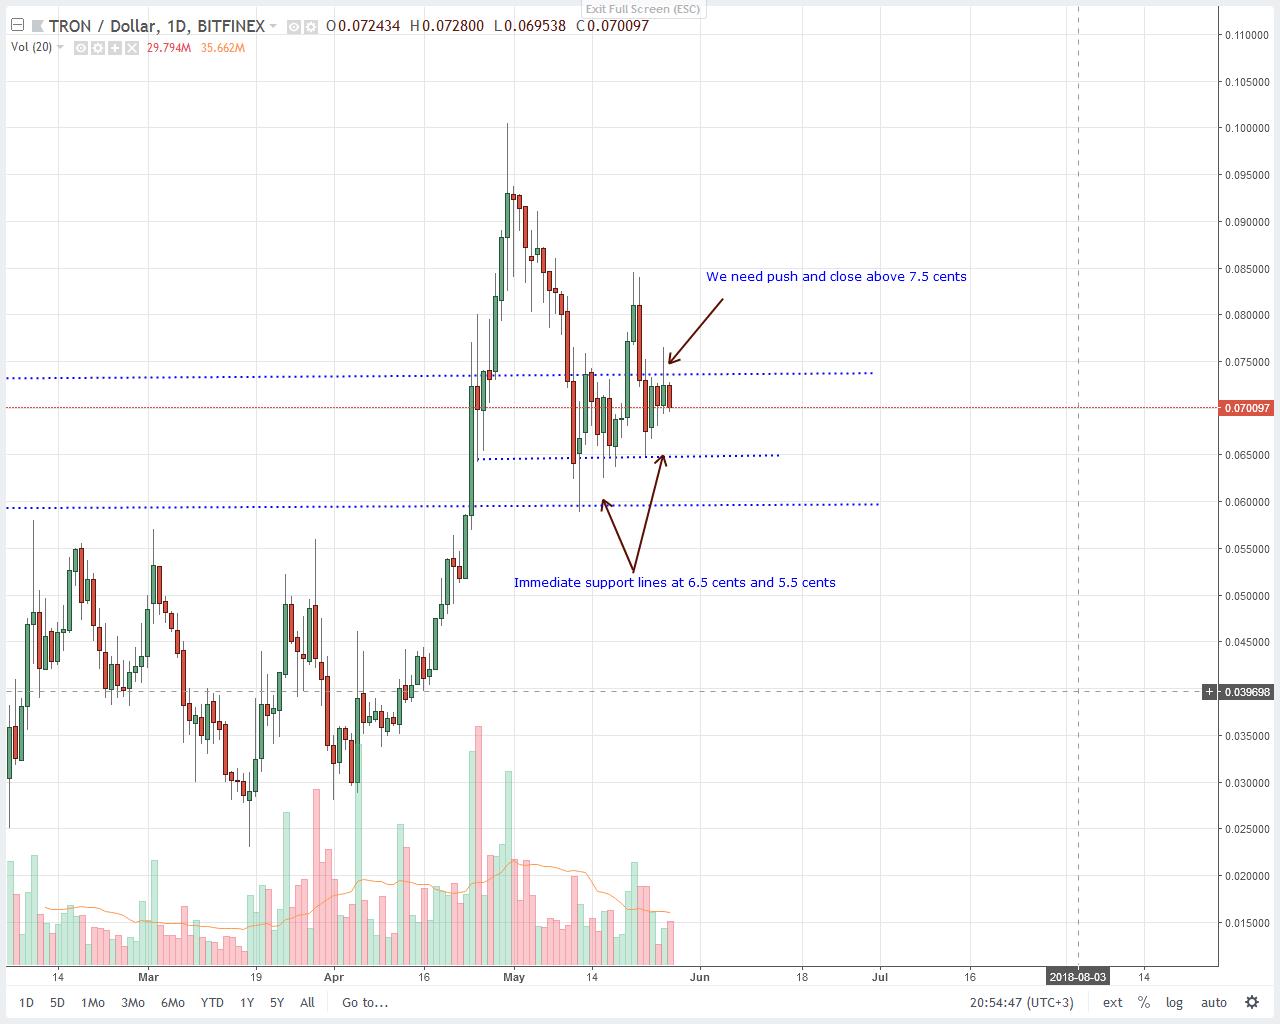 Tron (TRX) Price Technical Analysis